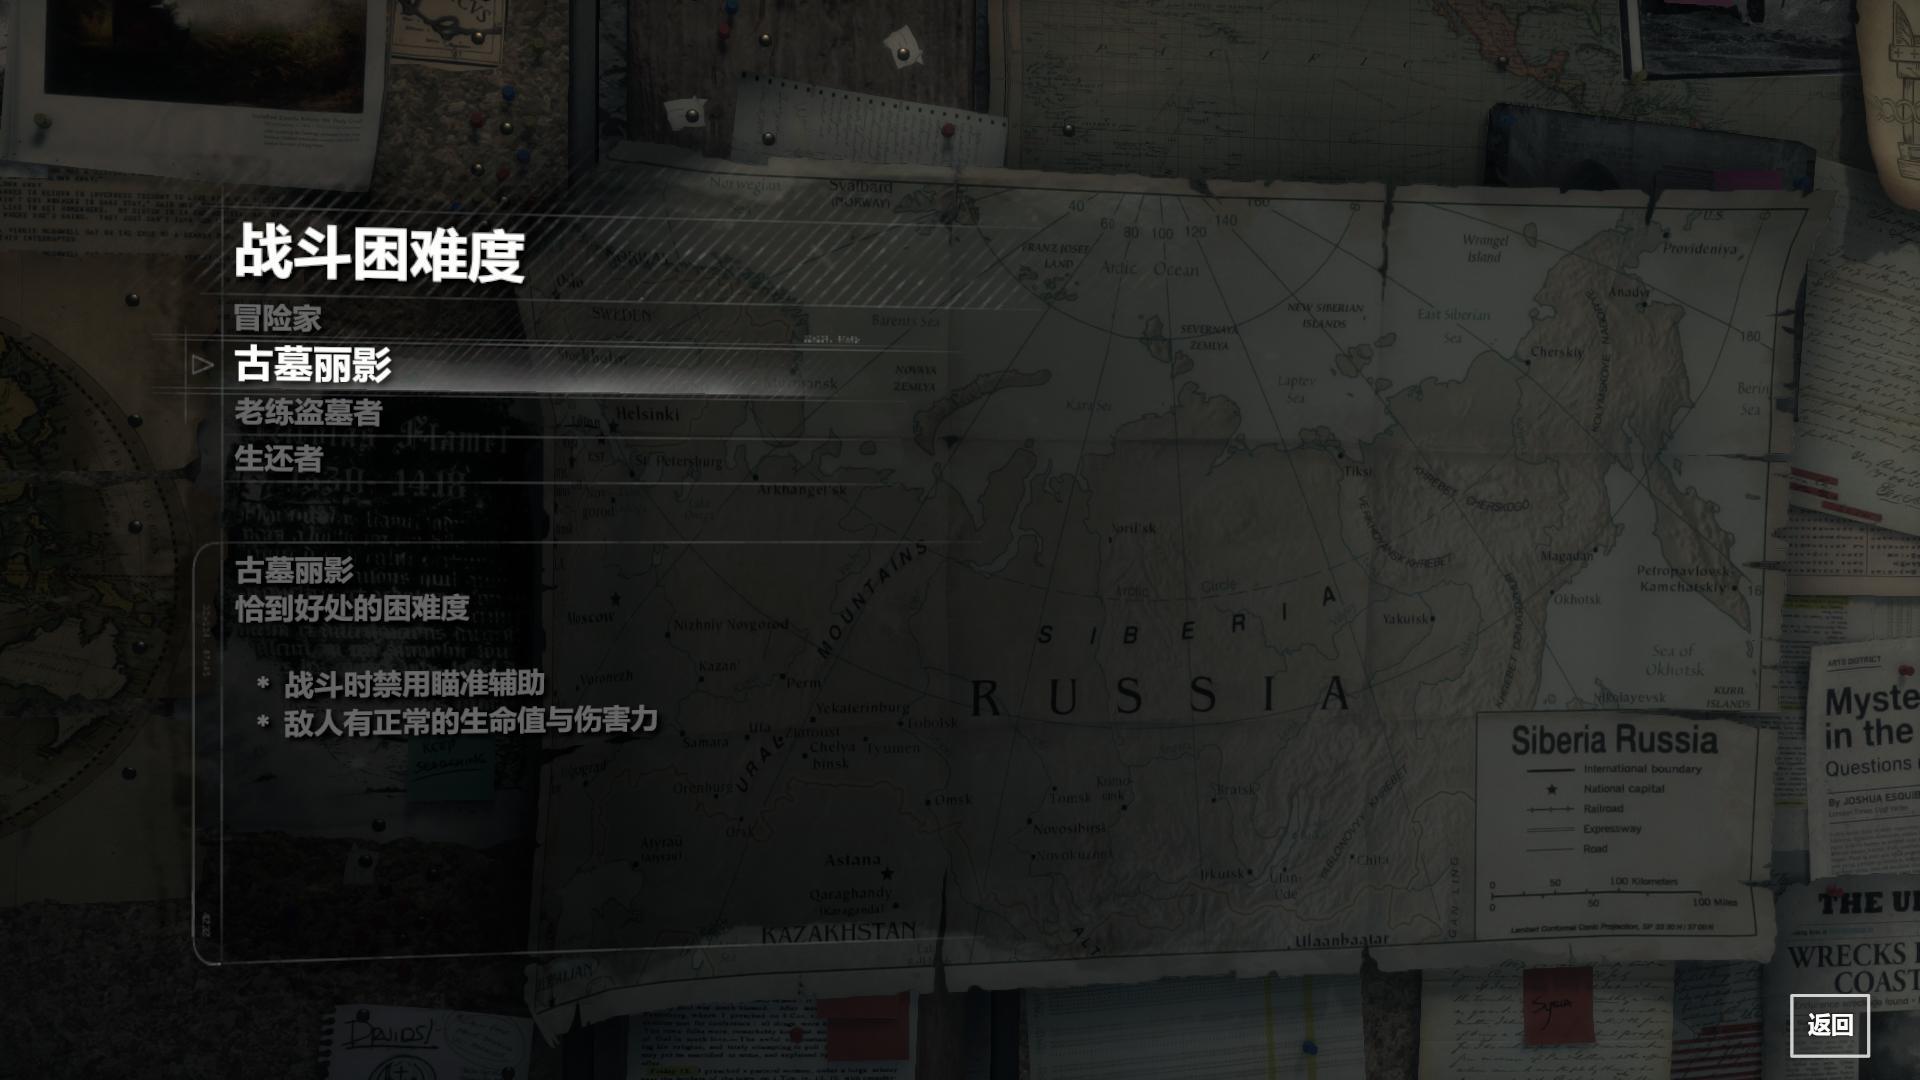 古墓丽影:崛起(Rise of the Tomb Raider)免安装简繁中文绿色版|DLC|升级档|网盘下载